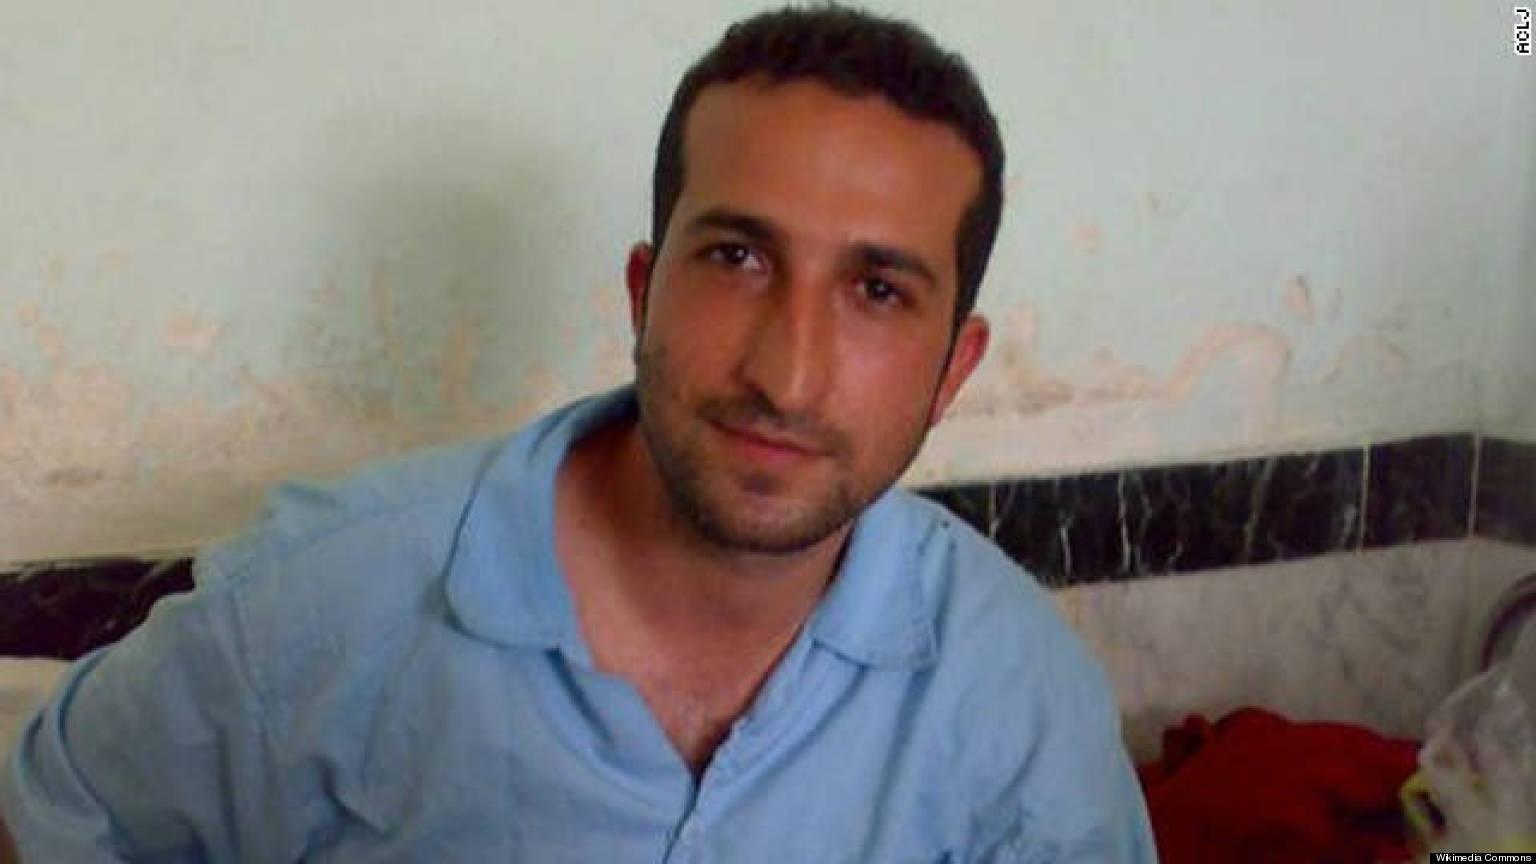 Mais de 61 mil assinam petição exigindo a libertação de pastor no Irã